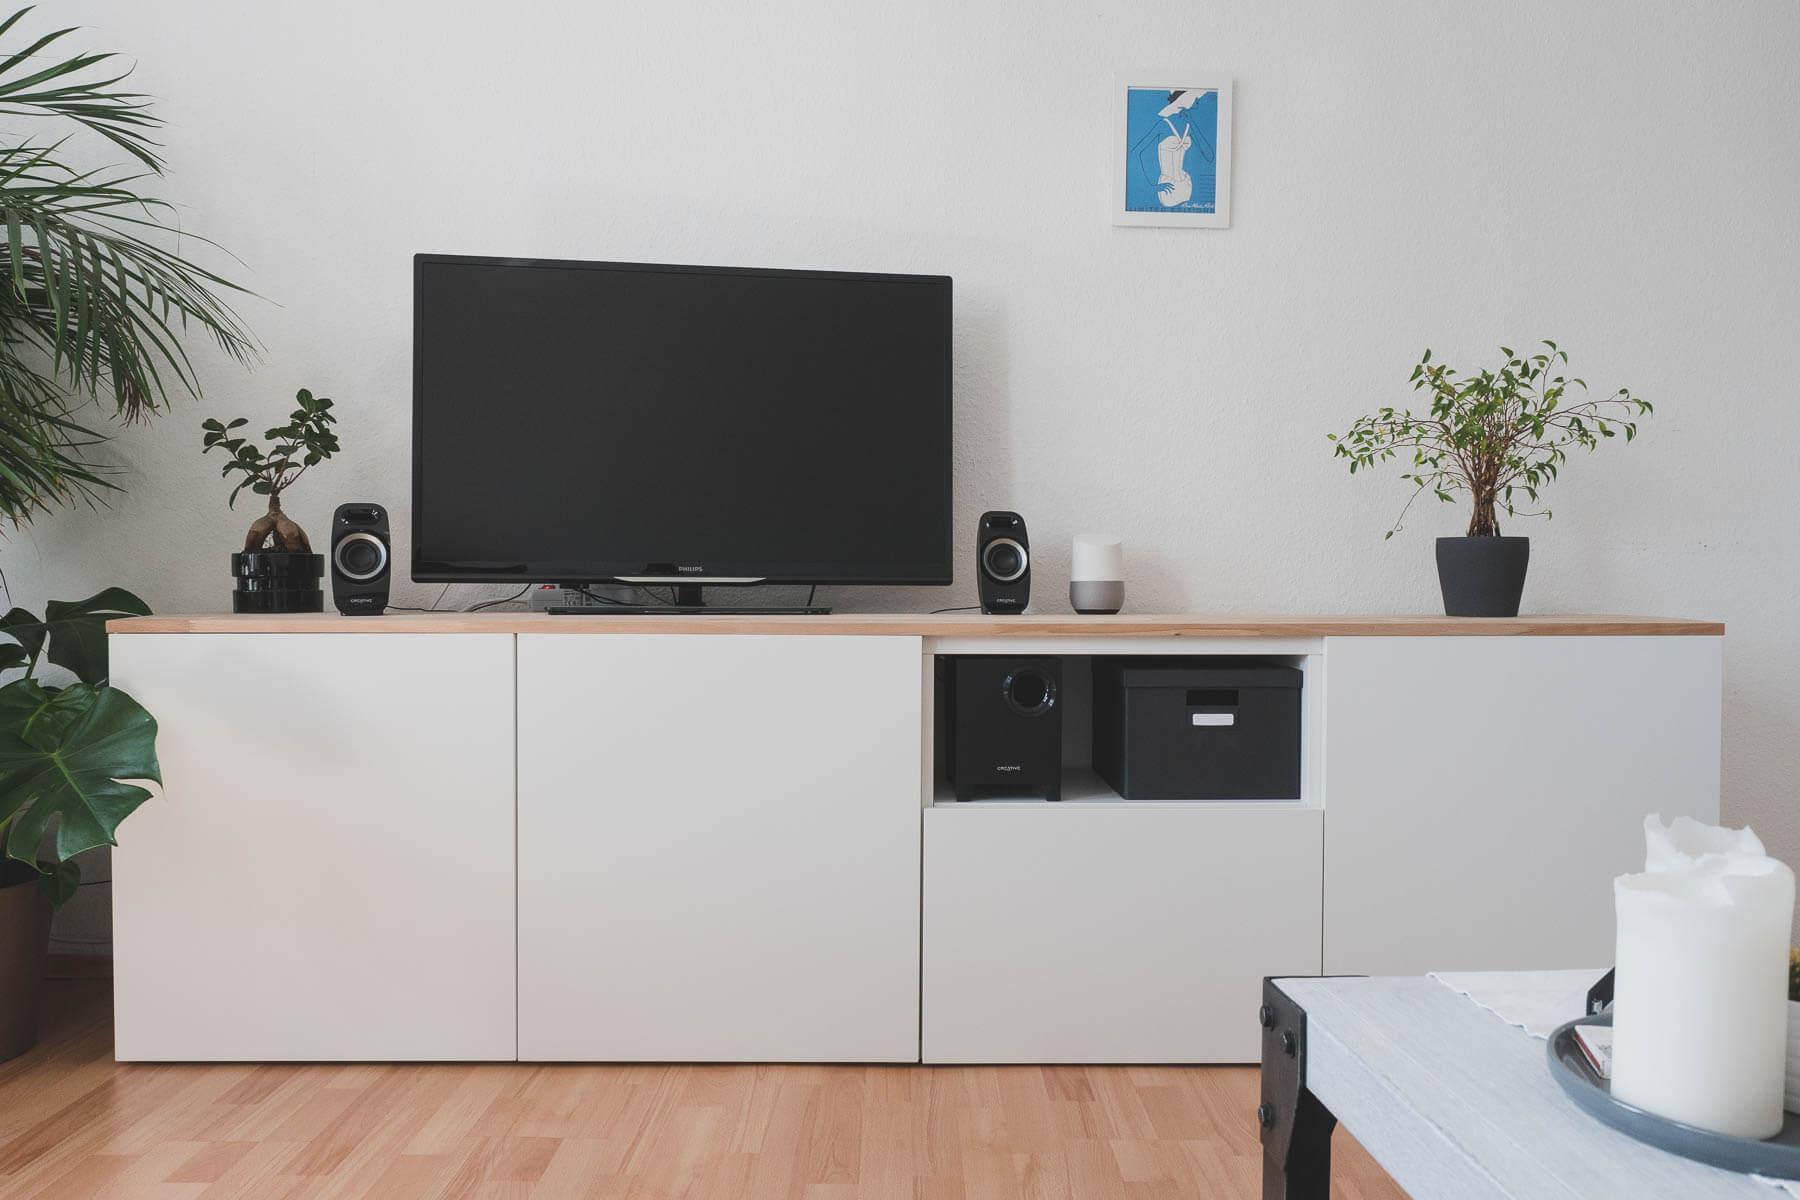 ikea wohnzimmer gewinnspiel : Ikea Best Diy Sideboard F Rs Wohnzimmer Zimtstern In